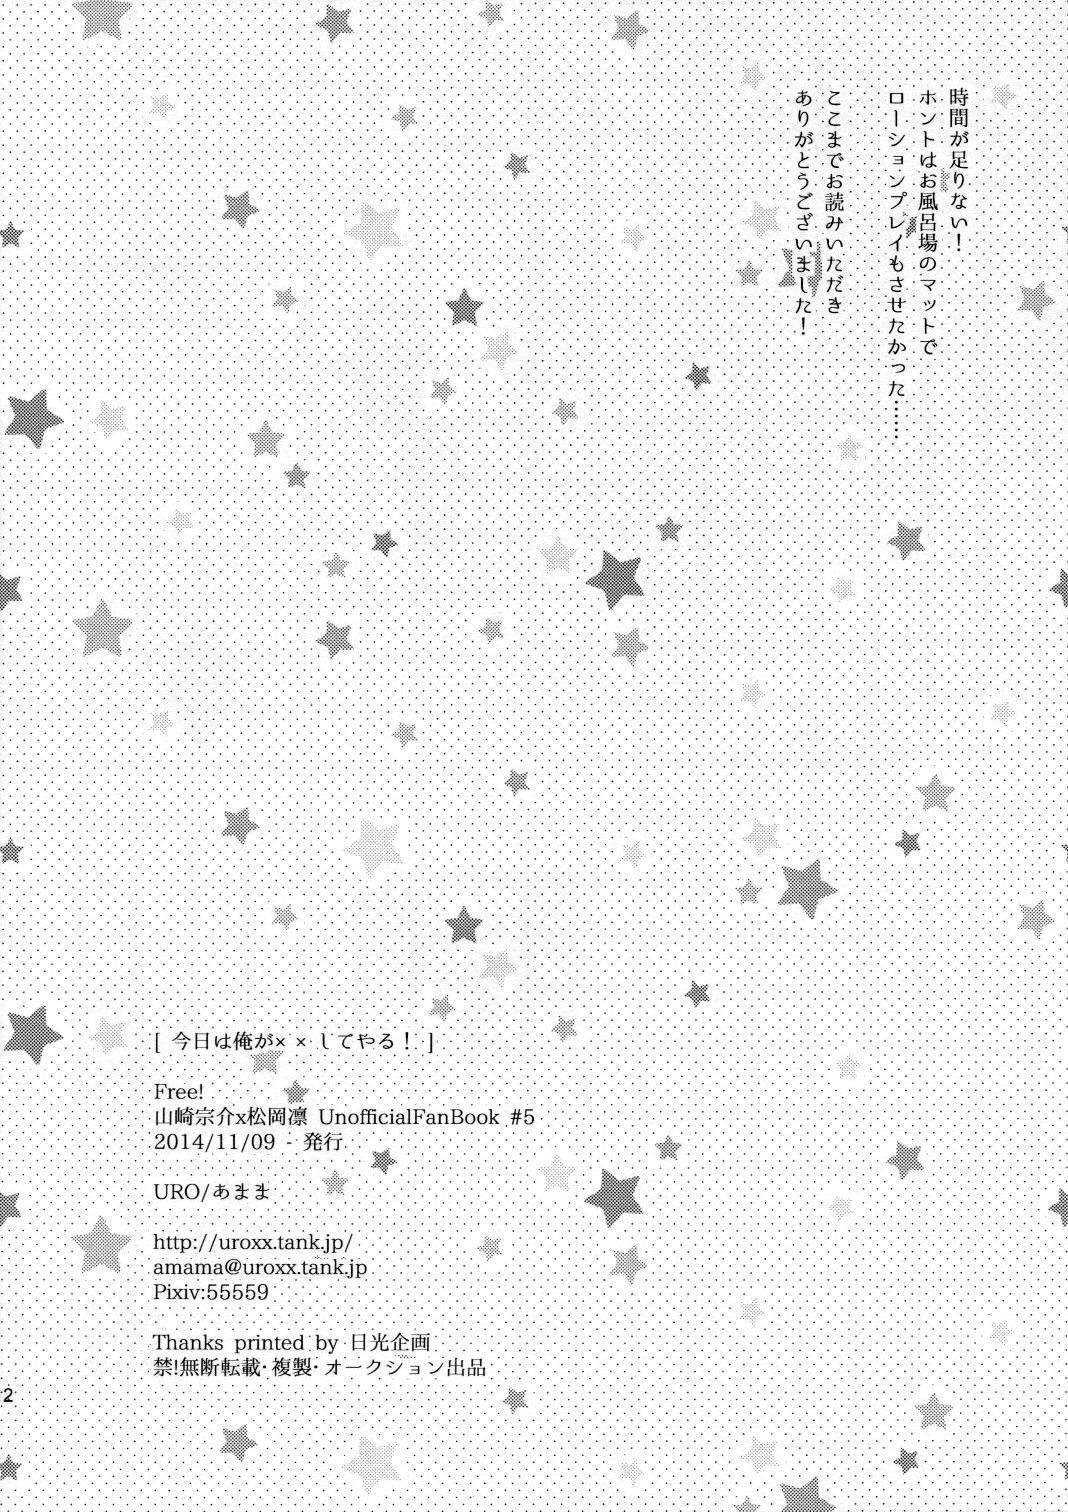 Kyo wa ore ga × × shite yaru! 10